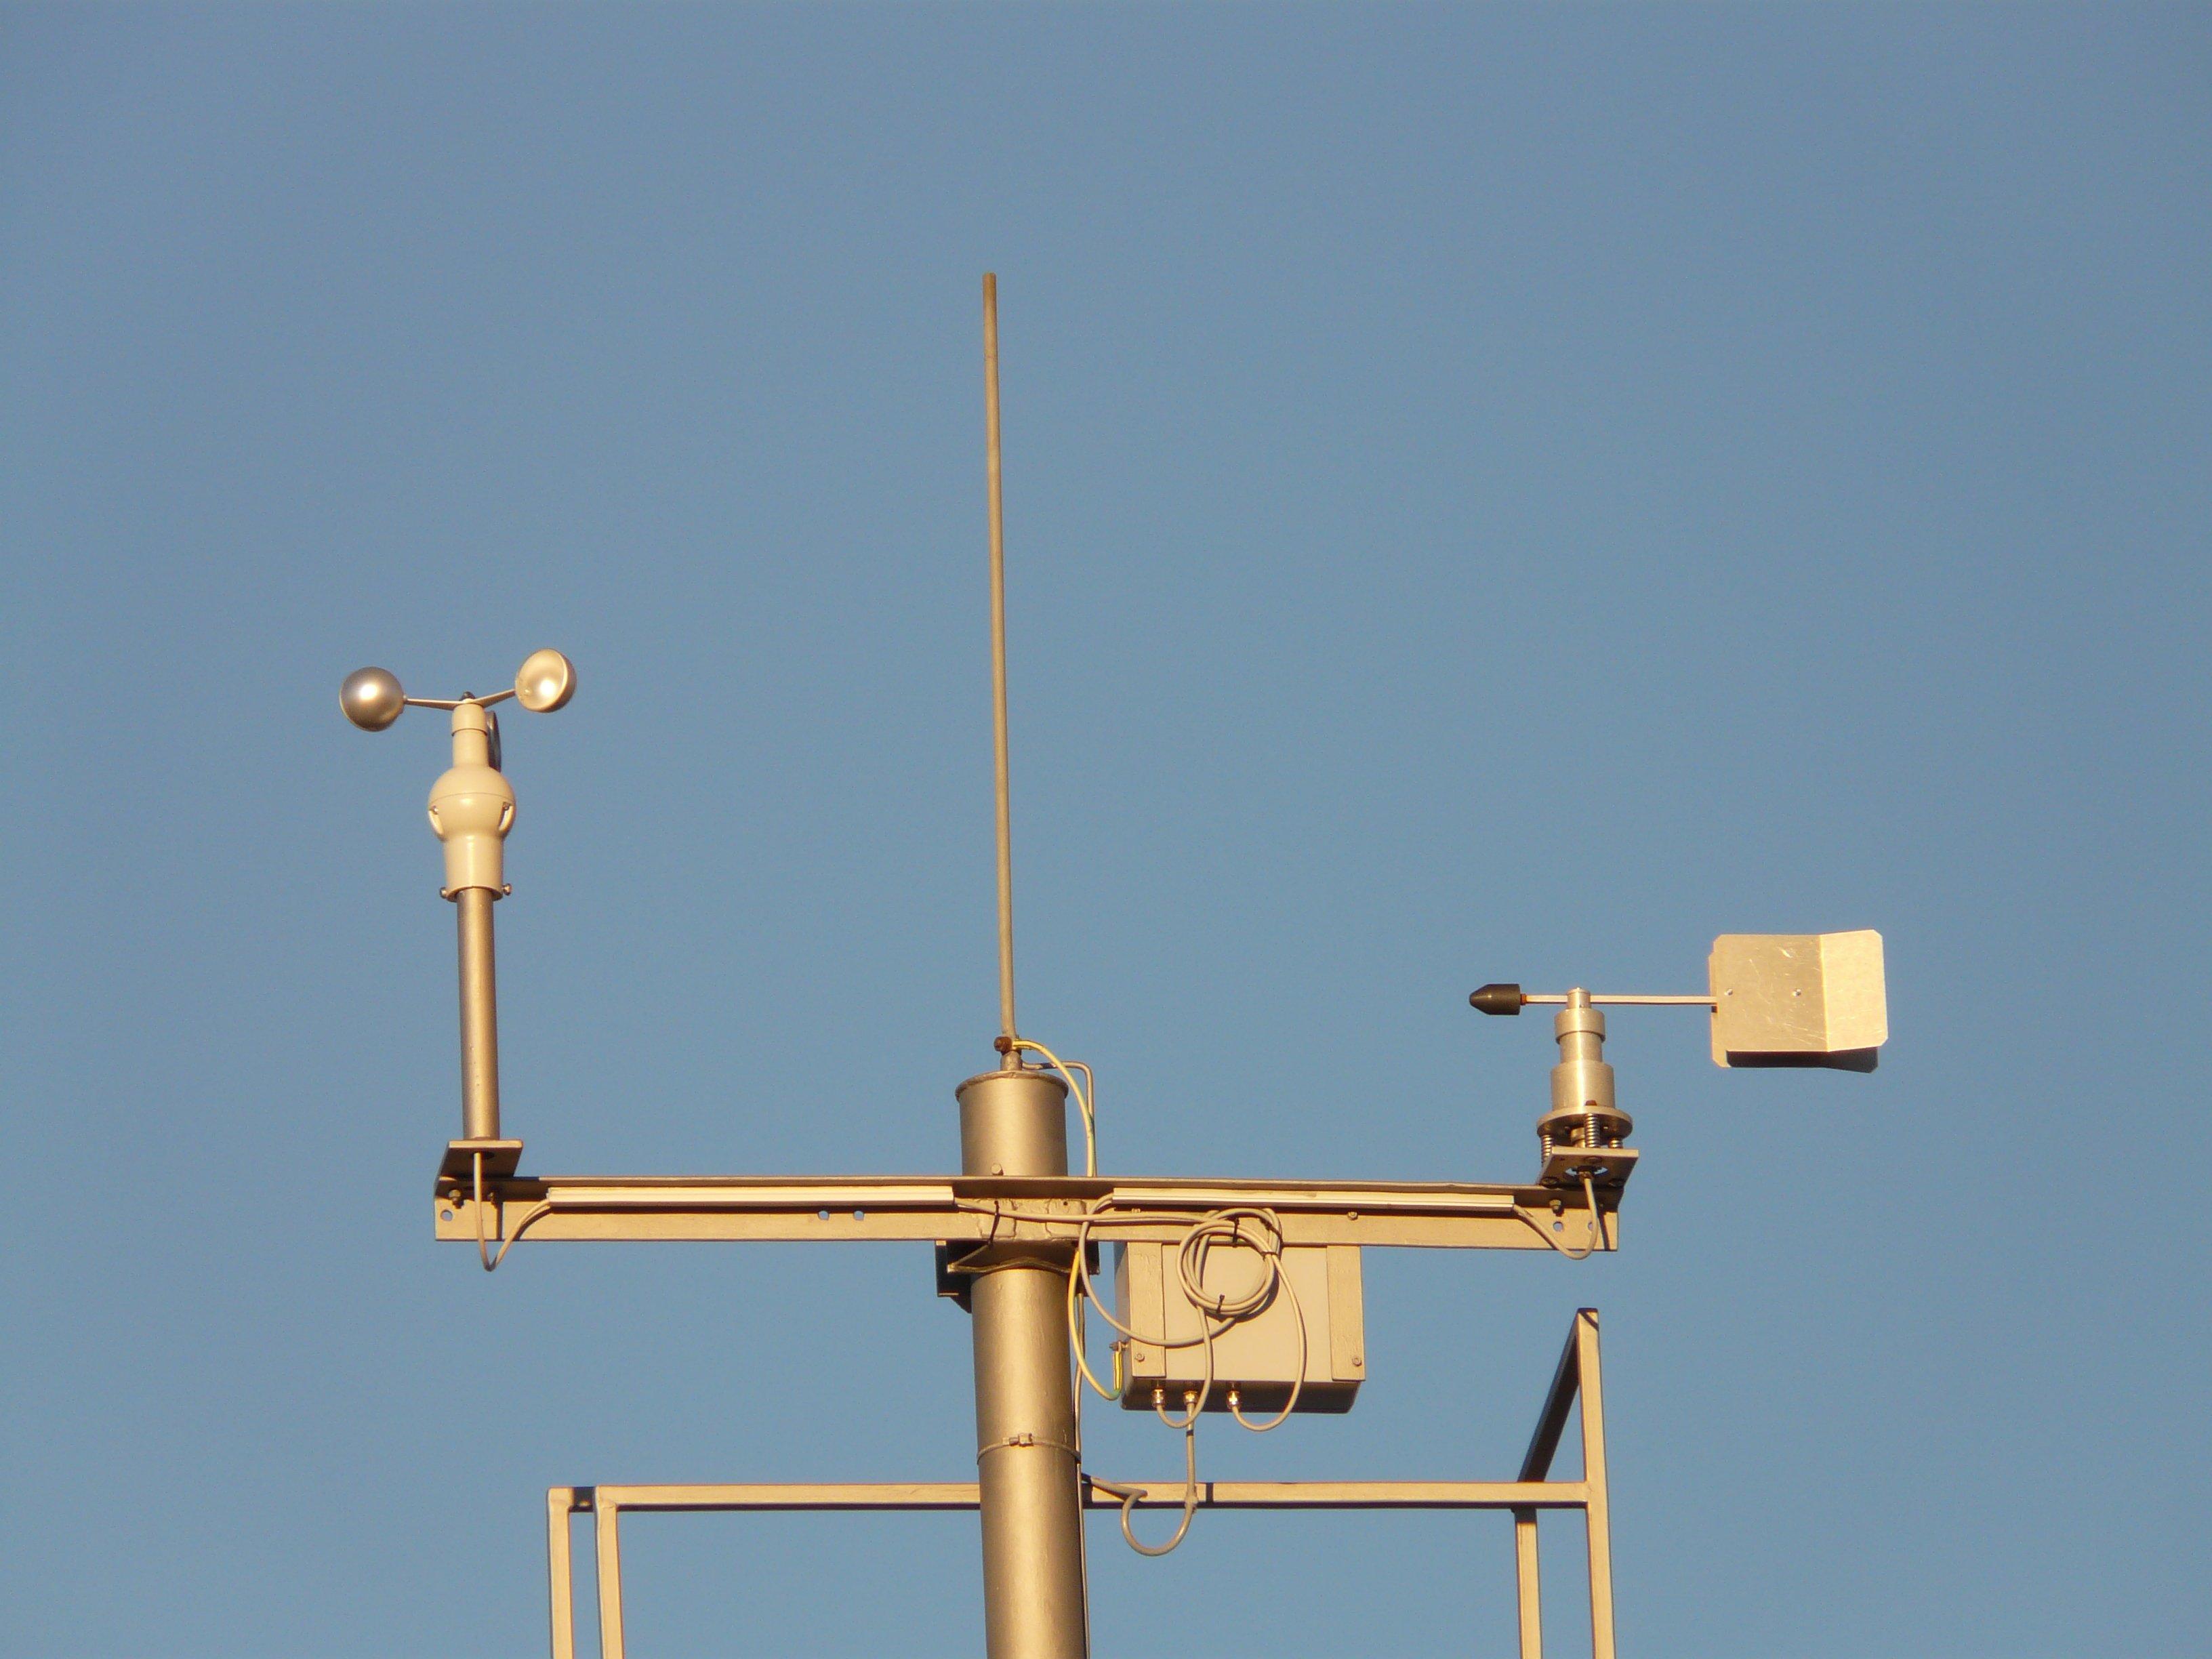 告别人工 地面气象观测将实现全面自动化